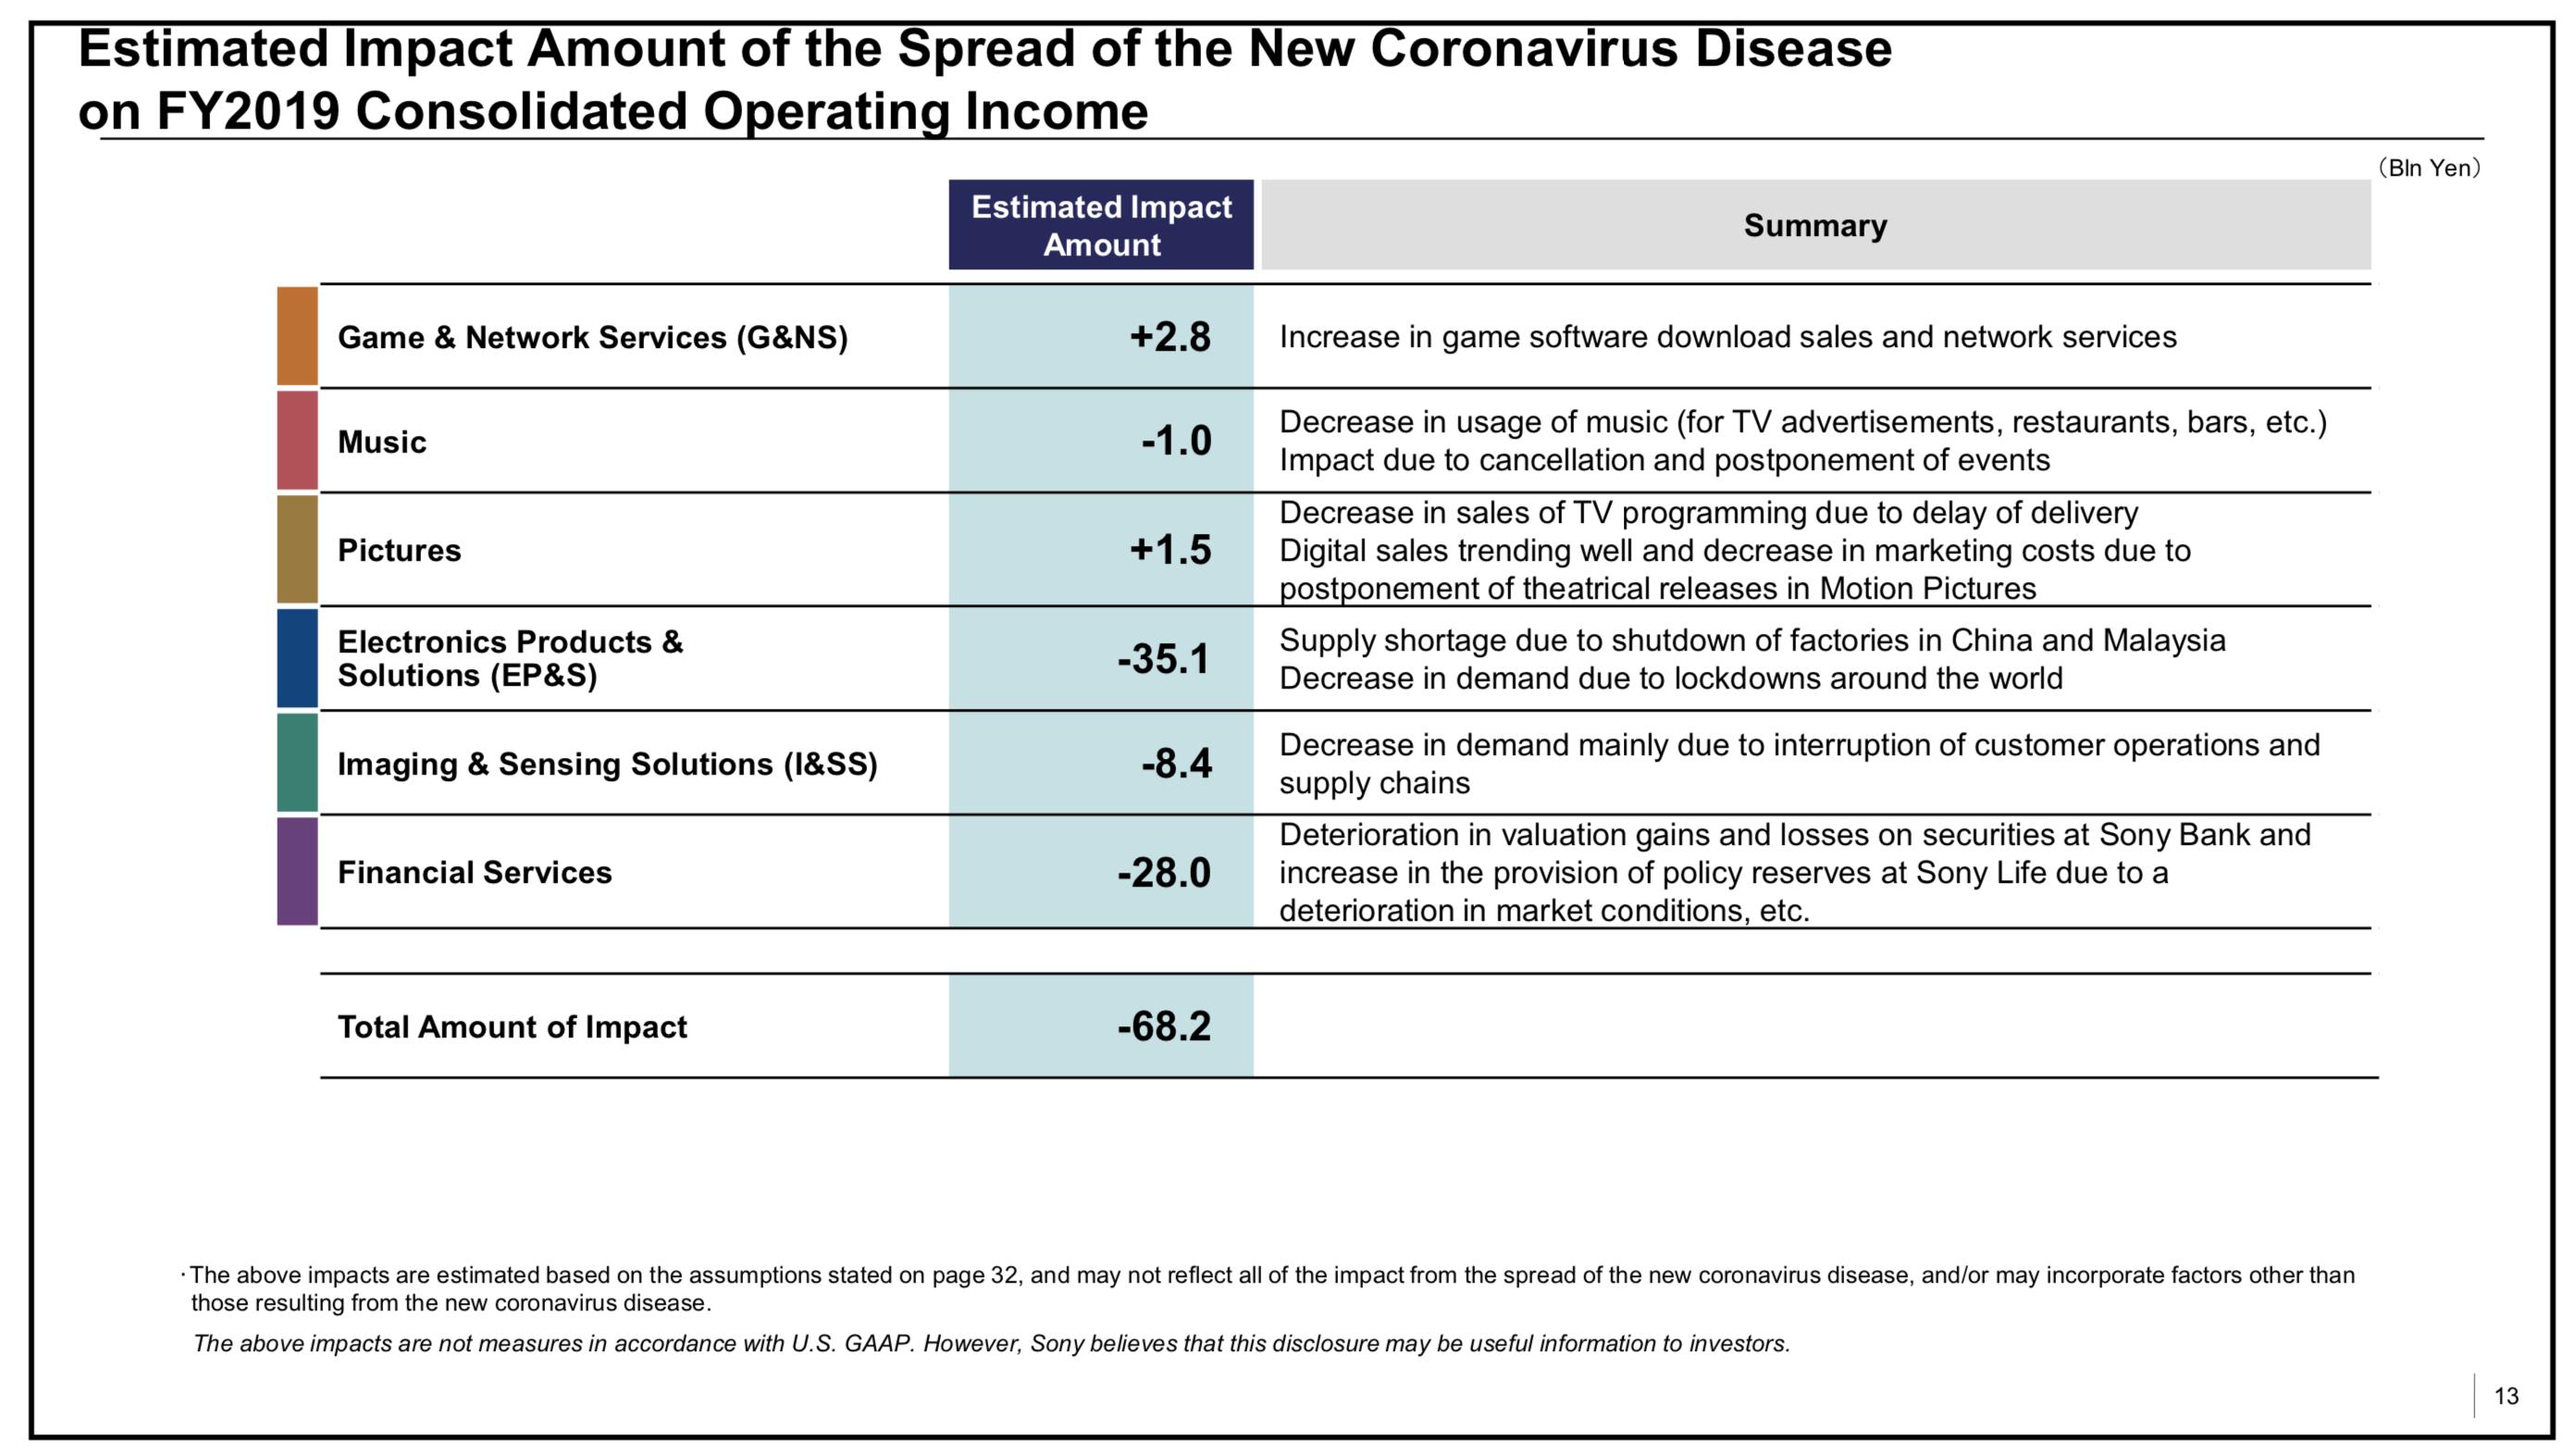 Sony Fiscal Year 2019 coronavirus impact